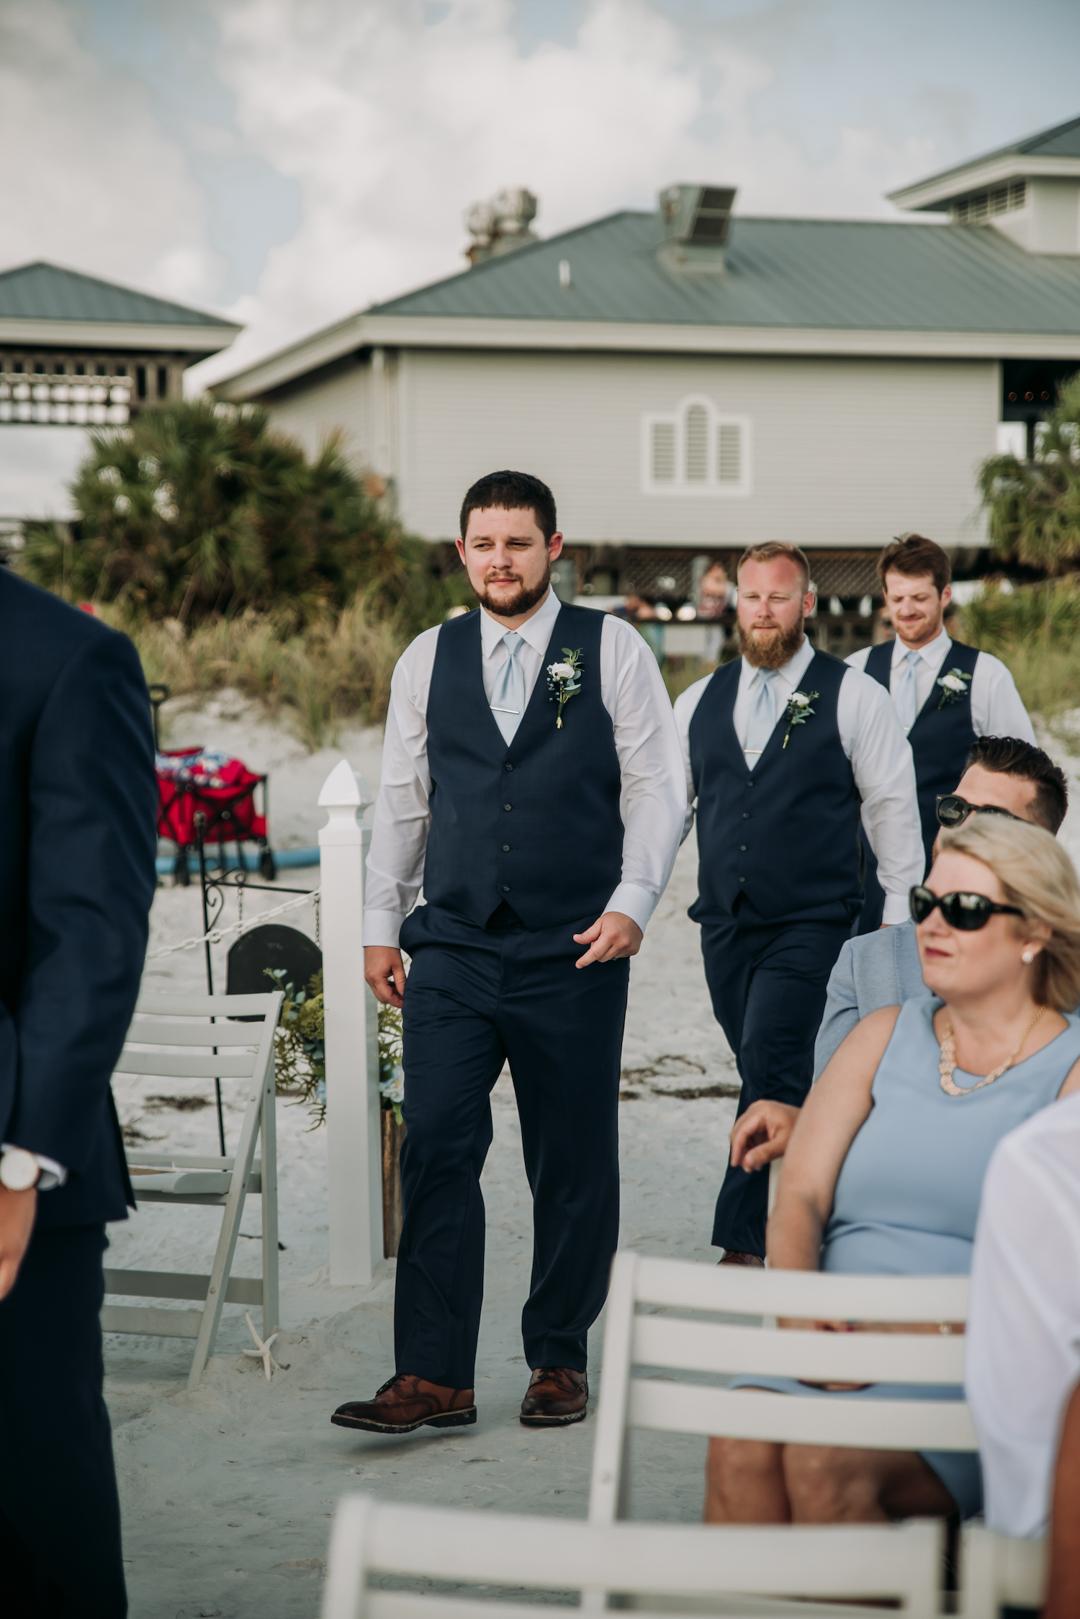 honeymoon-island-wedding-anastasia-noel-76.jpg